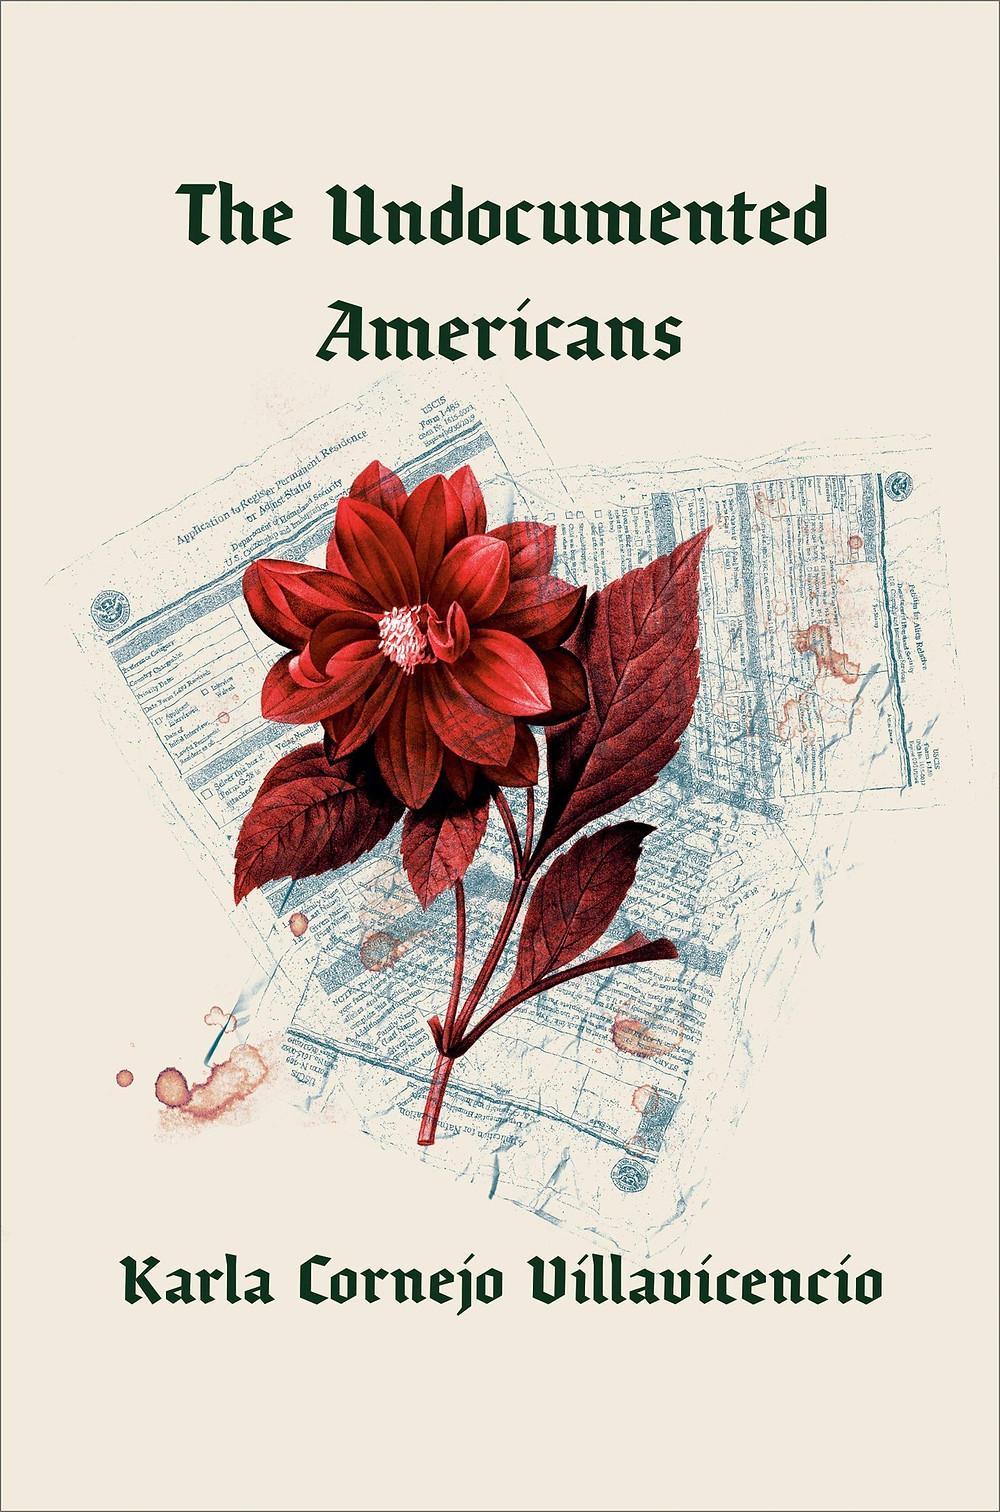 The Undocumented Americans by Karla Cornejo Villavicencio : the book slut book reviews thebookslut